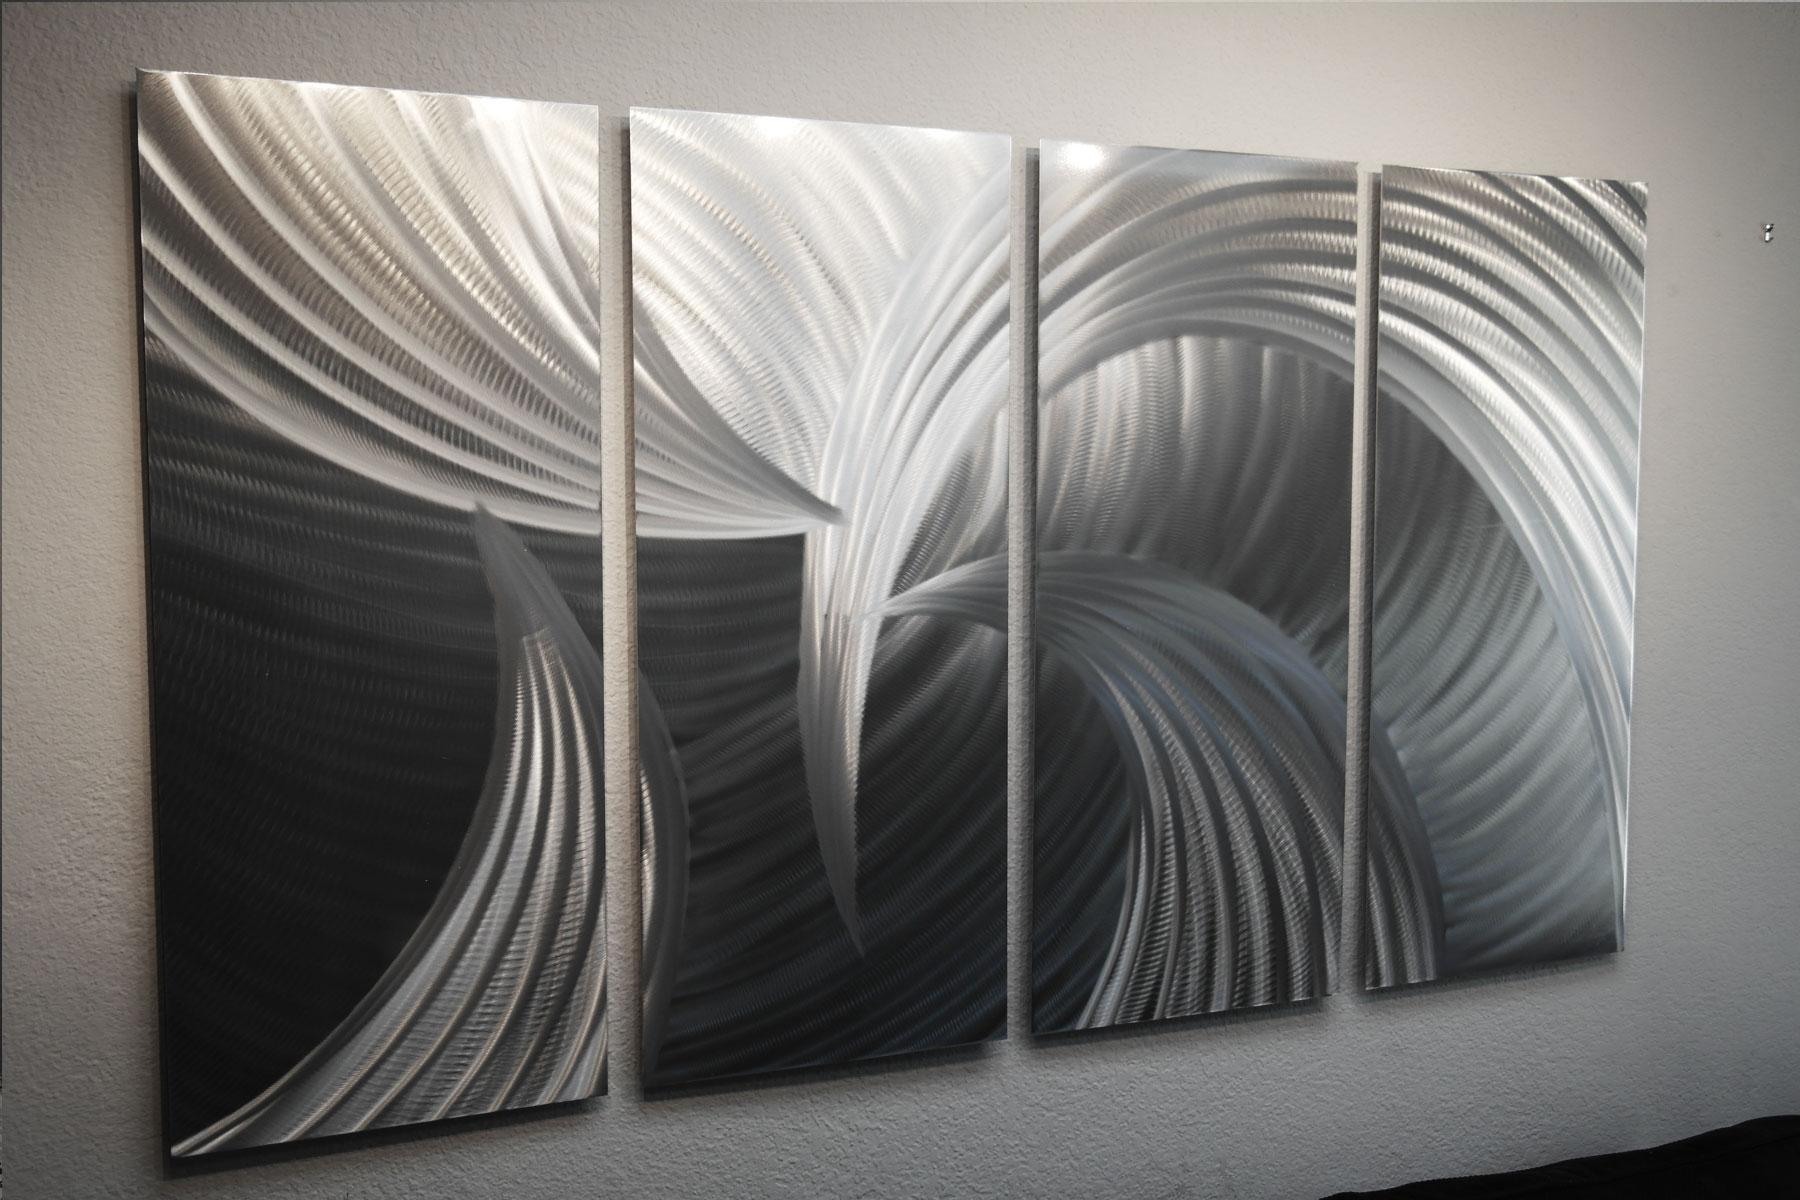 Tempest 36 X 63- Abstract Metal Wall Art Sculpture Modern